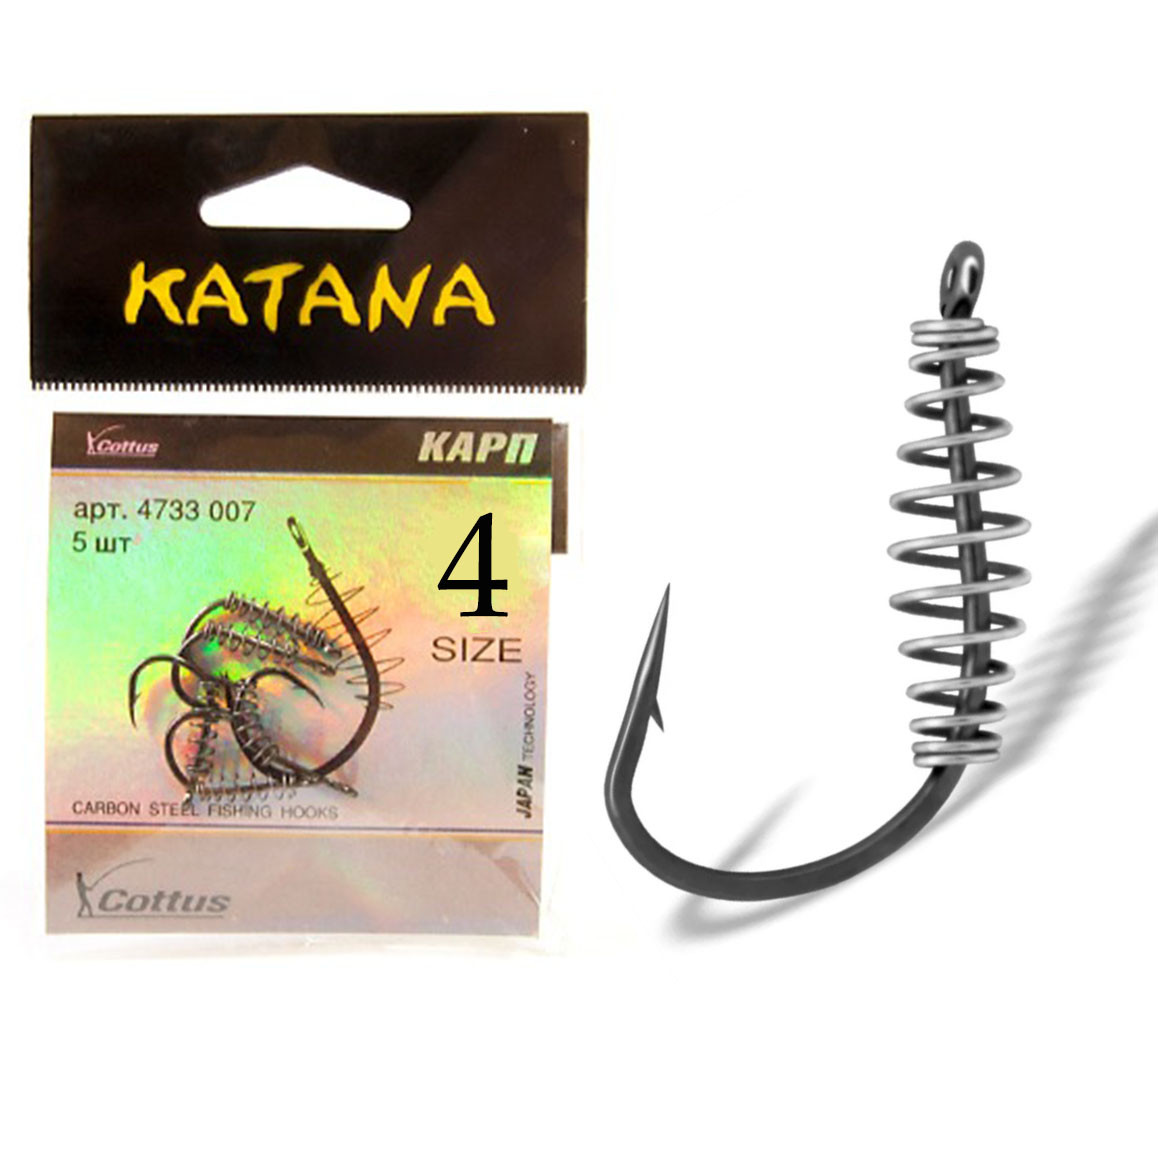 Крючки рыболовные с ушком пружиной клювообразным жалом набор 5 шт Katana 4 размер - фото 3